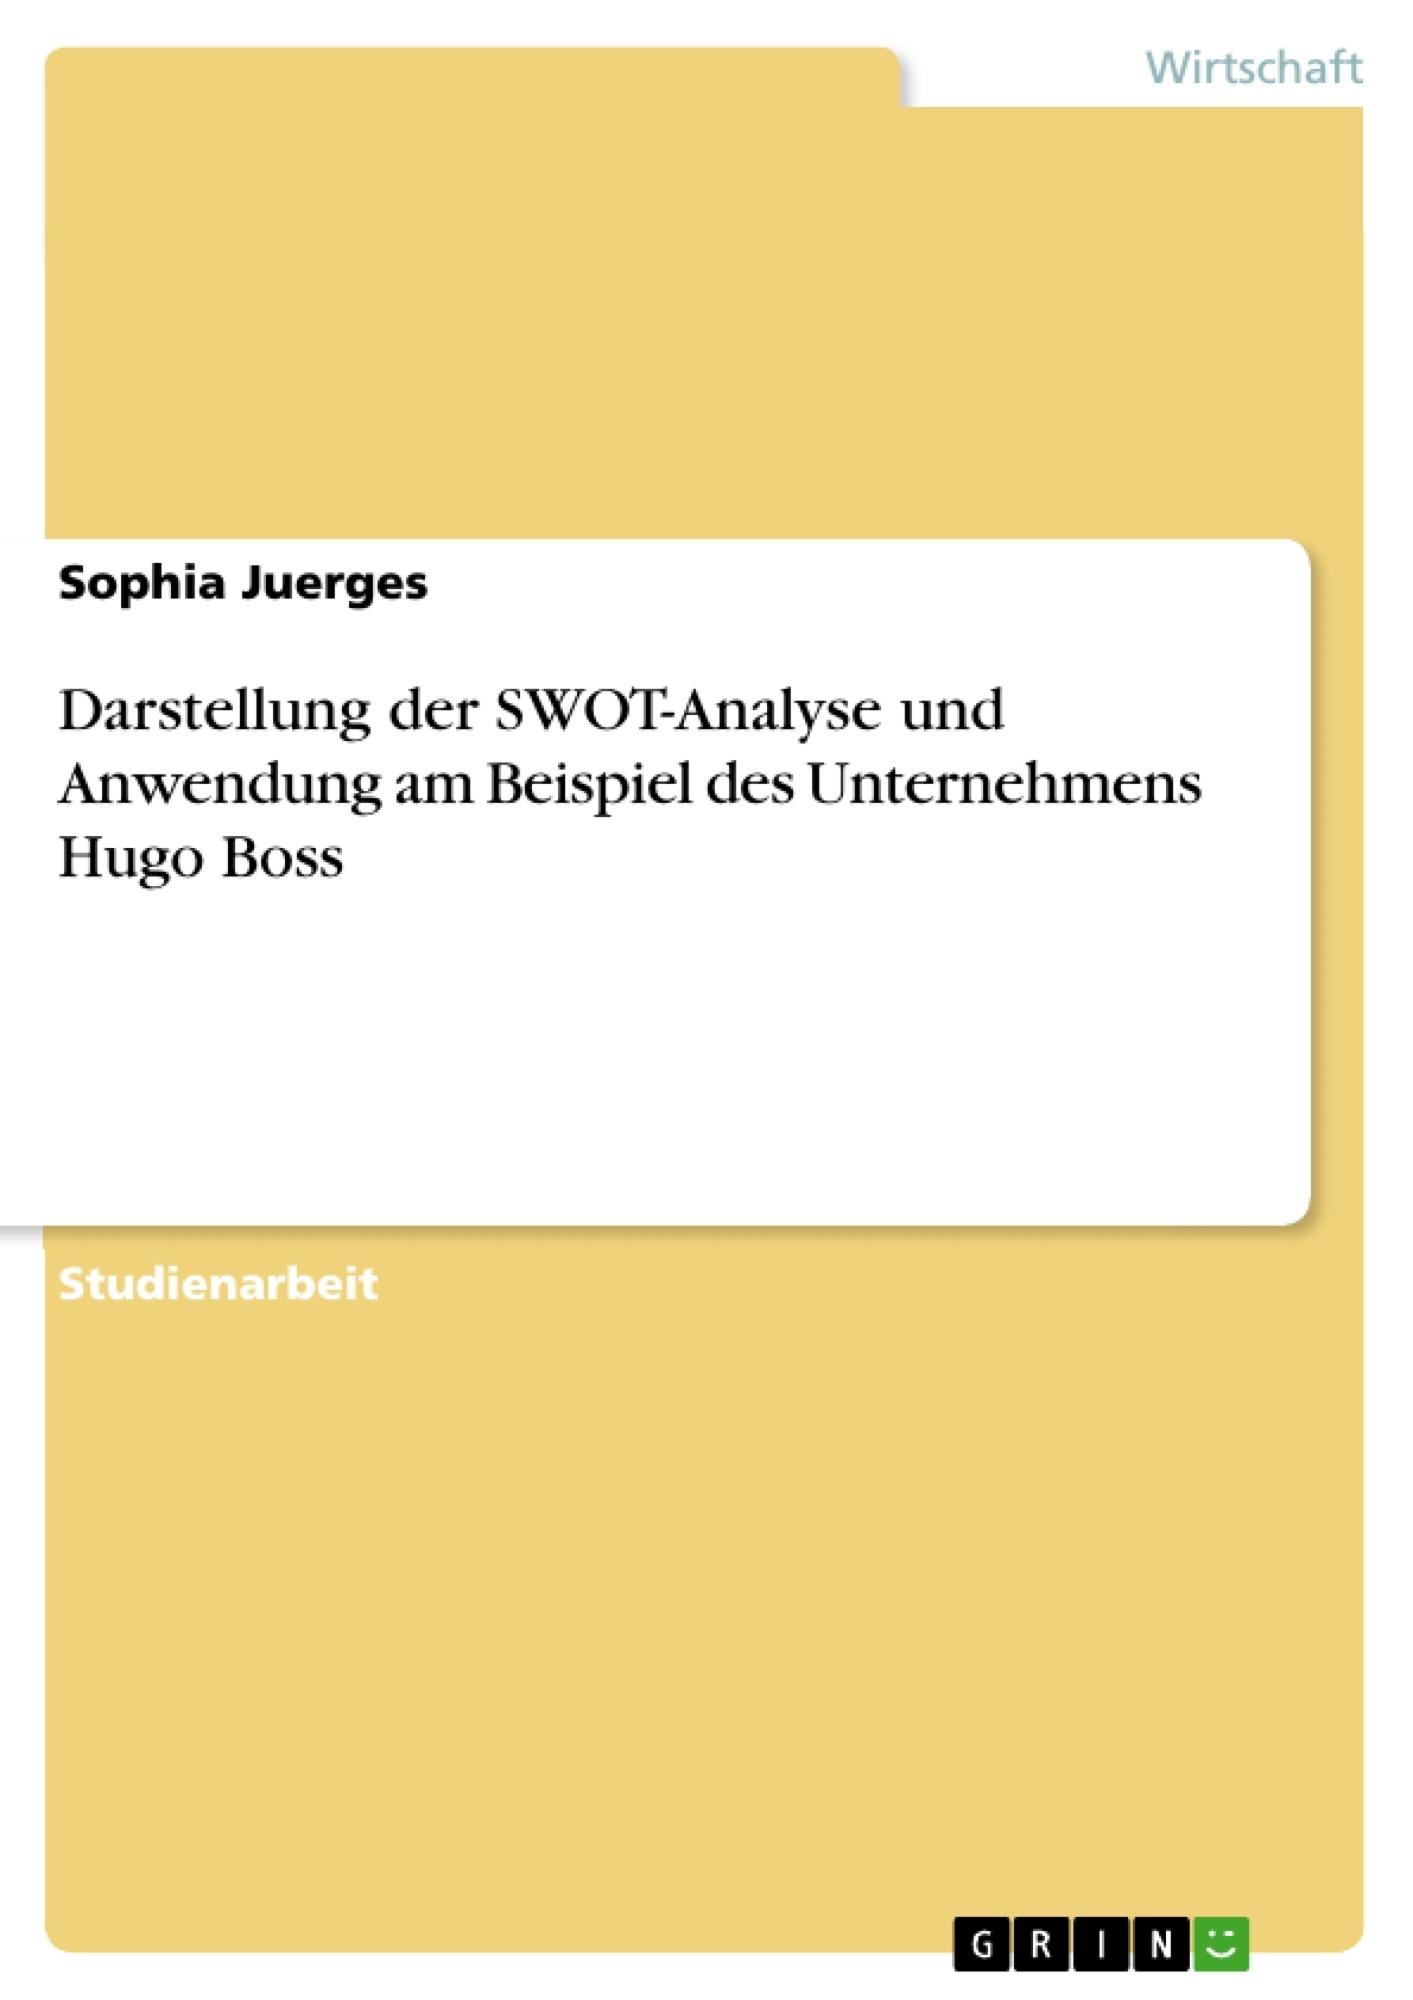 Titel: Darstellung der SWOT-Analyse und Anwendung am Beispiel des Unternehmens Hugo Boss